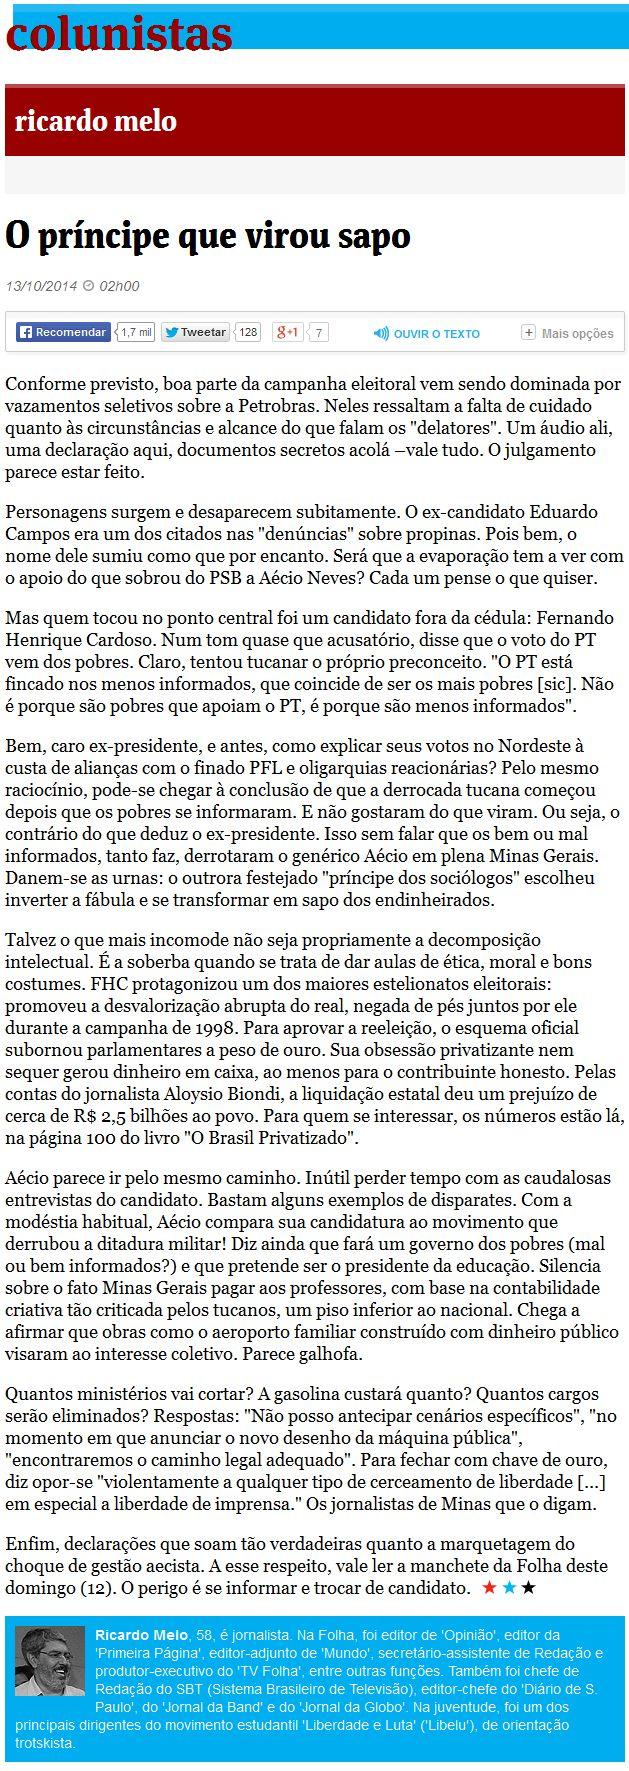 Folha de SP_13.10.2014